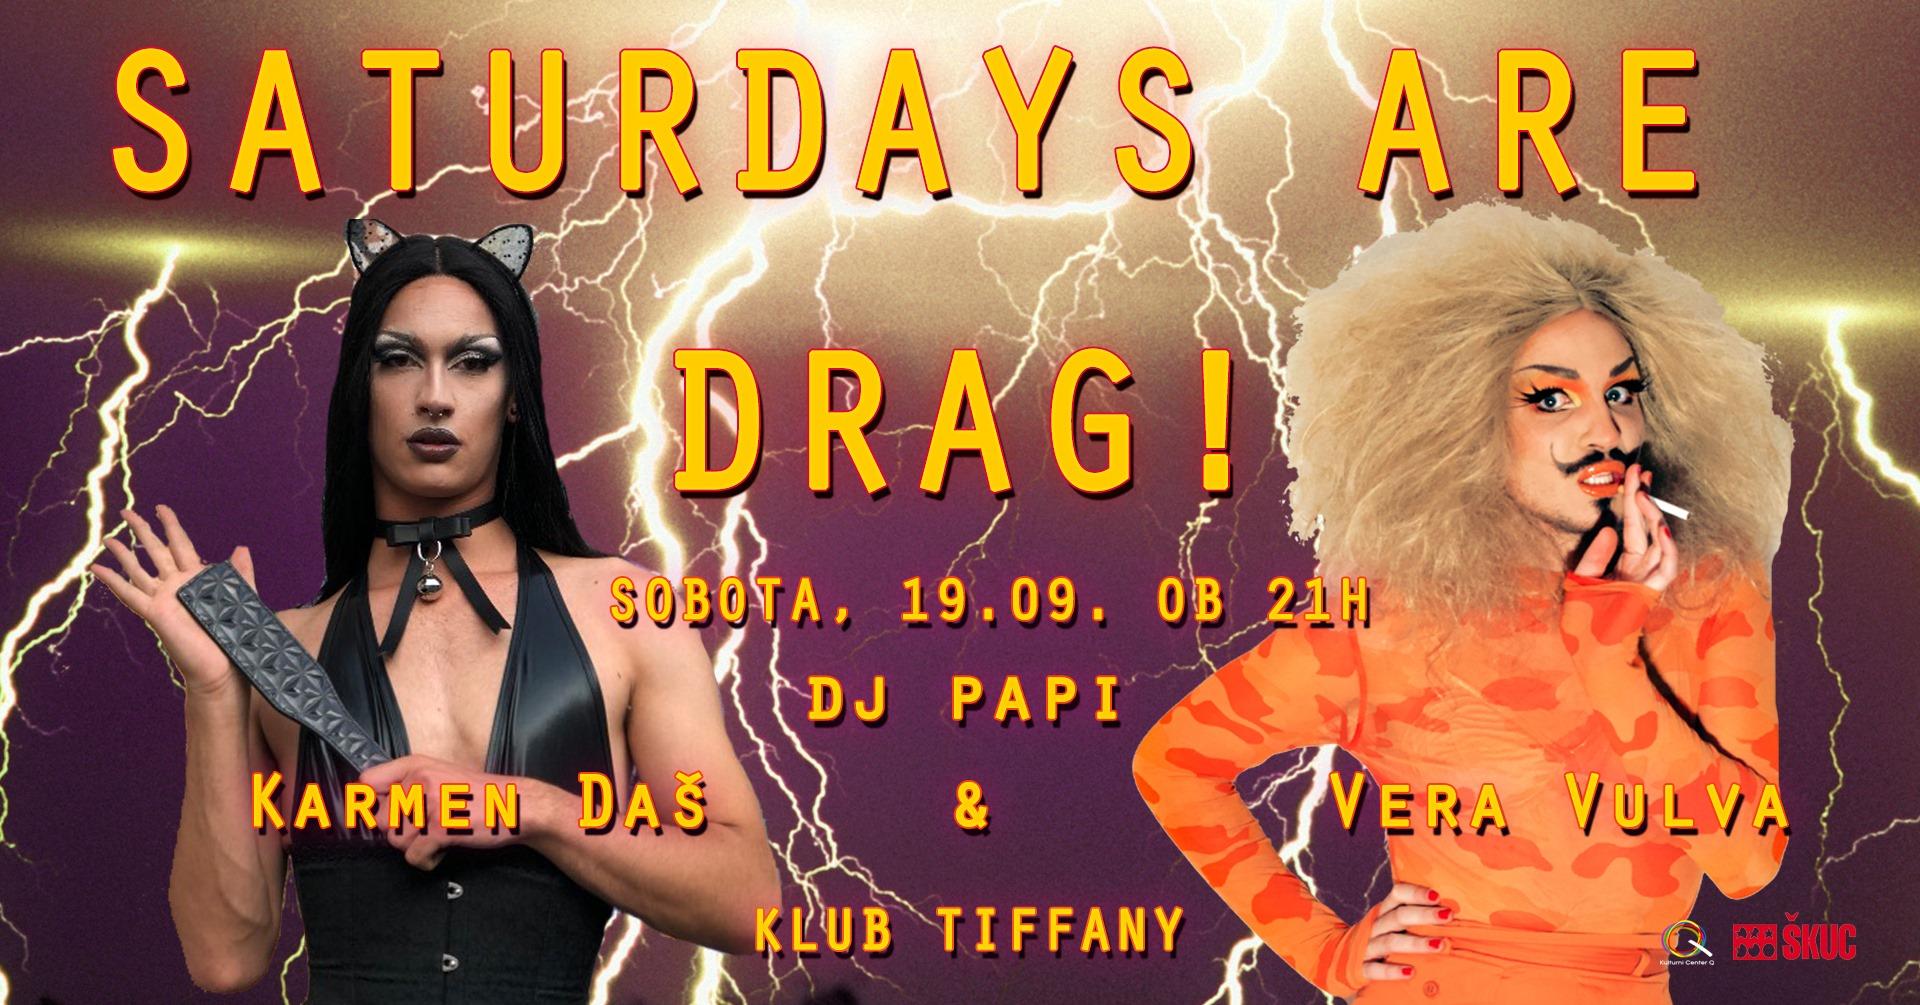 Saturdays are DRAG!